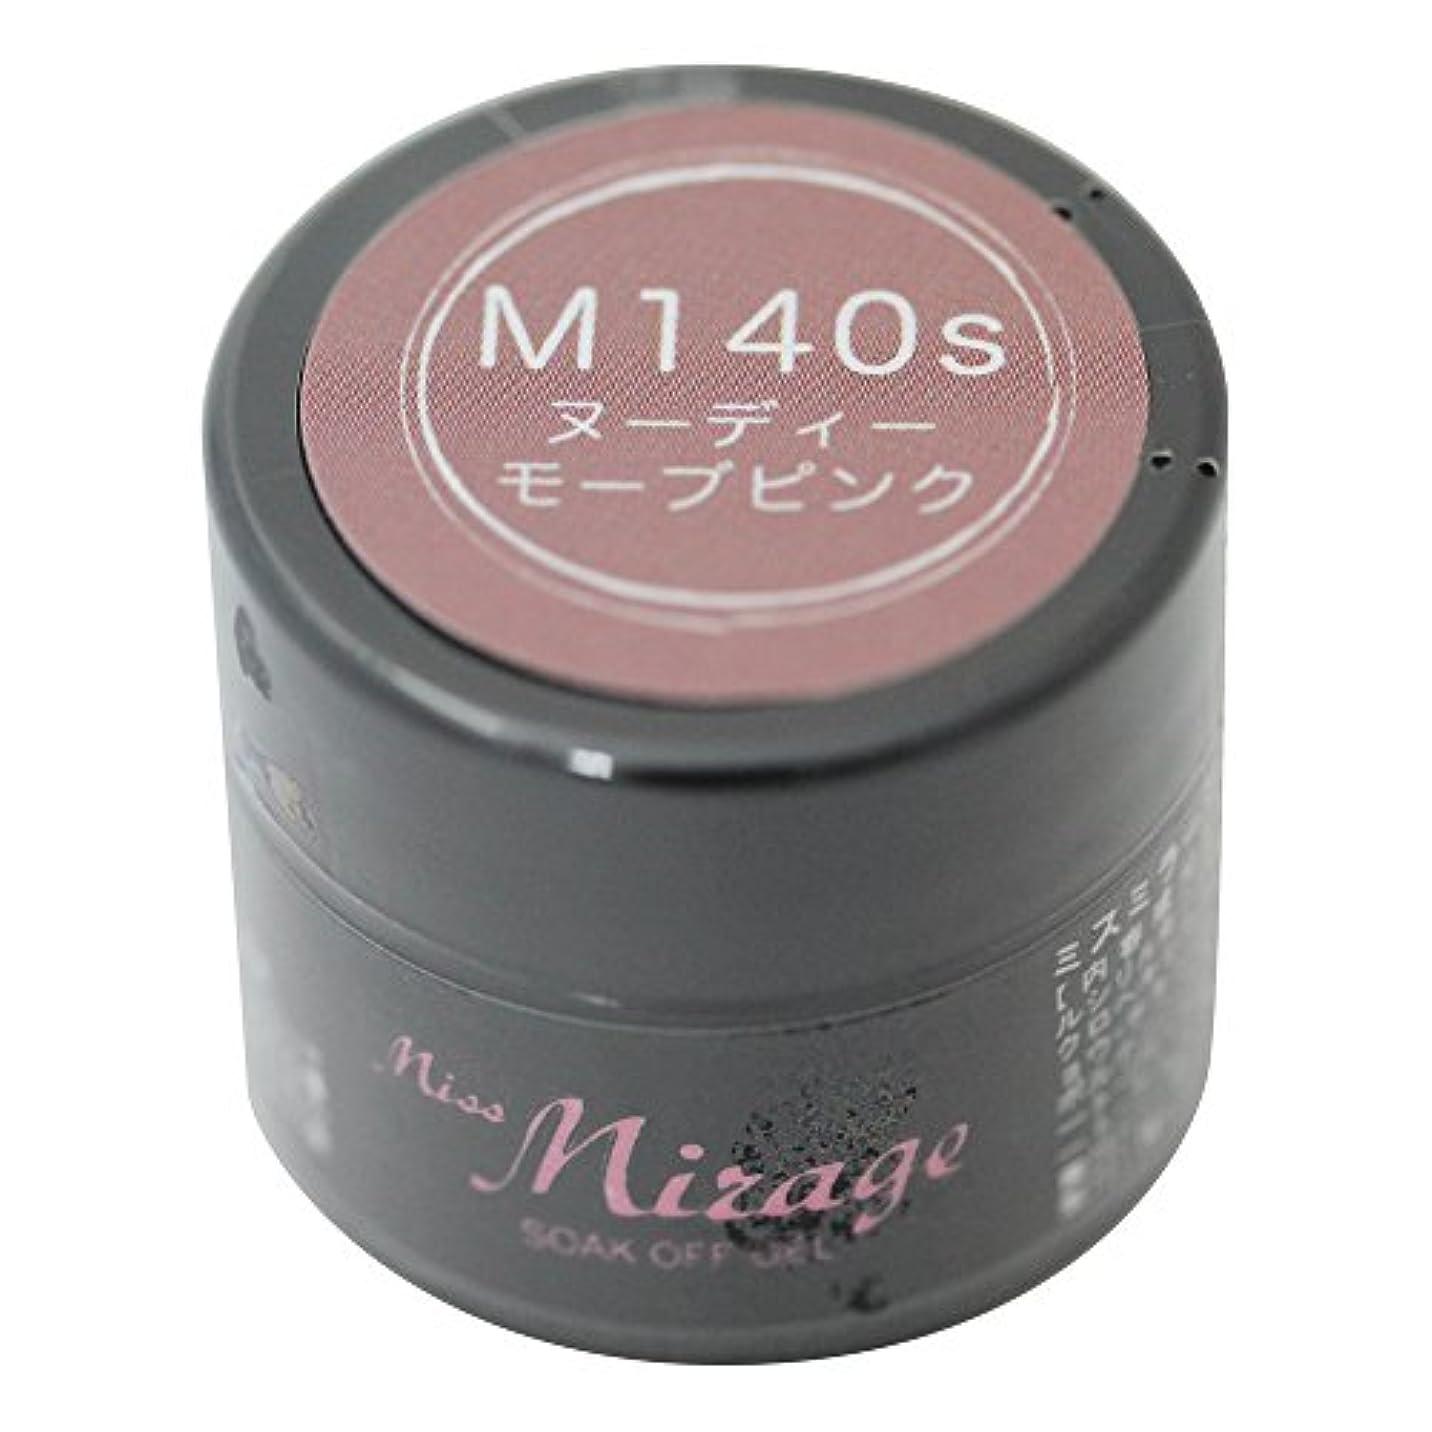 株式会社スキッパー信念Miss Mirage M140S ヌーディーモーブピンク 2.5g UV/LED対応タイオウ